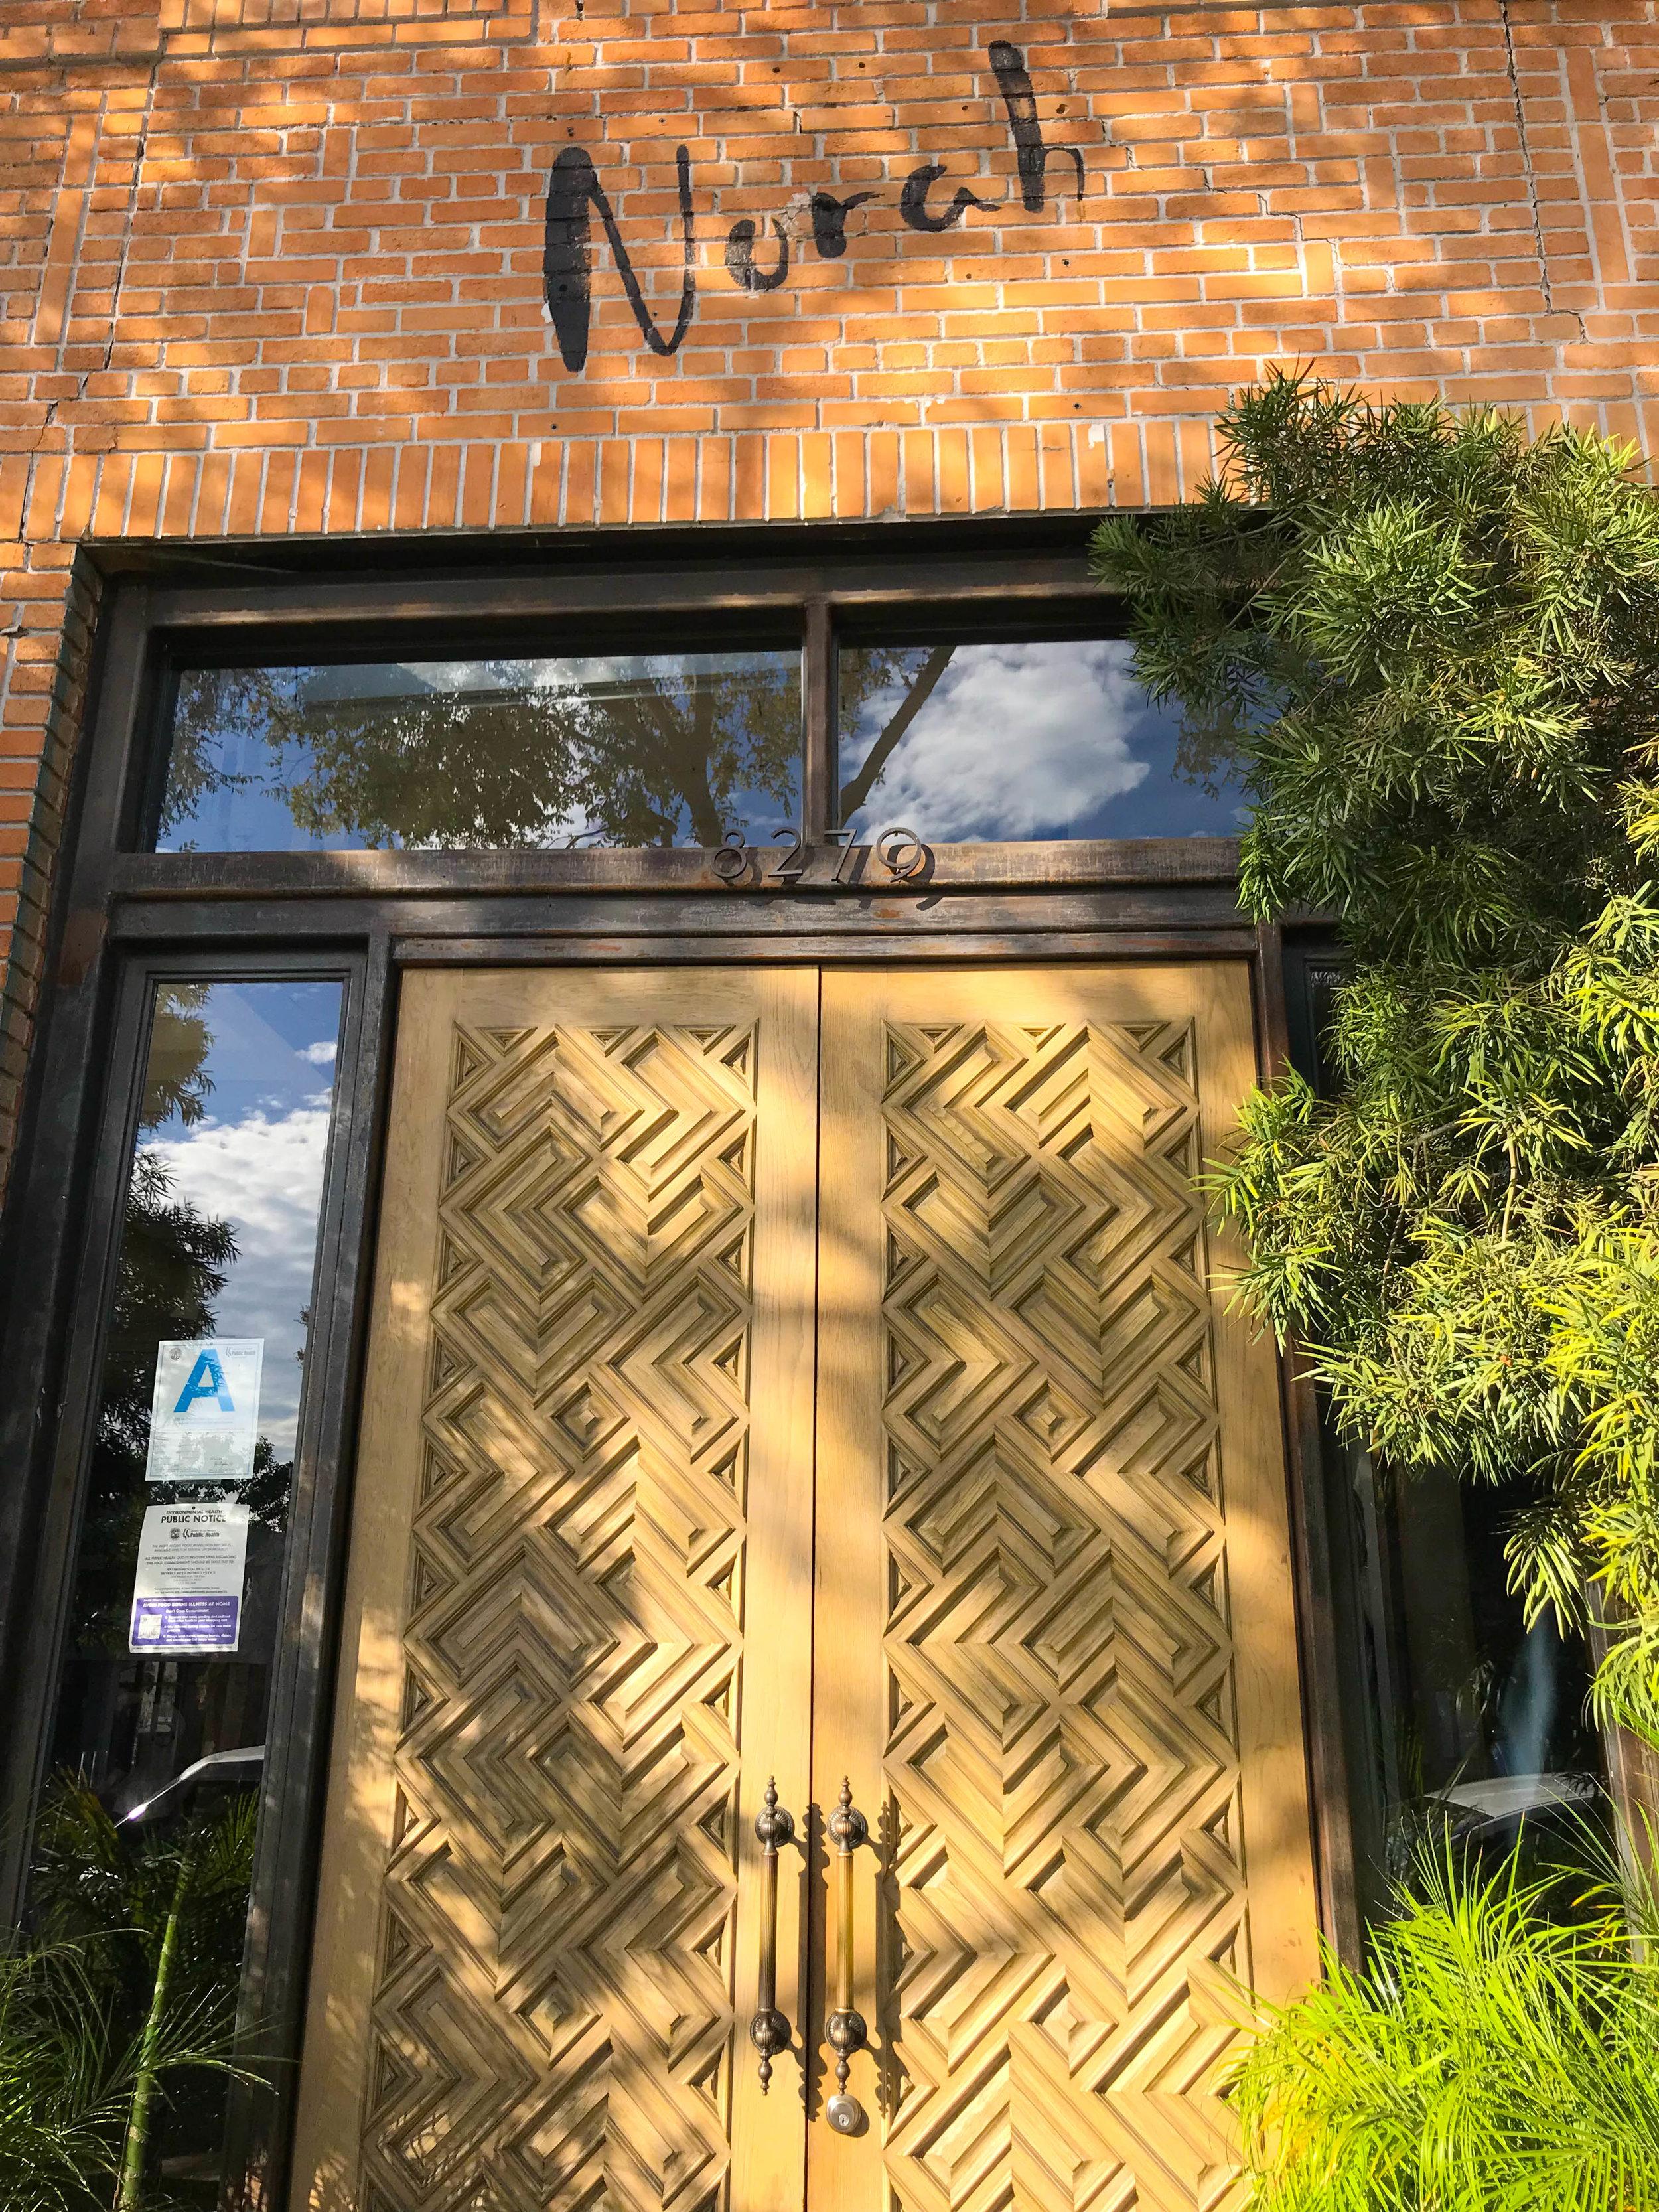 Norah Entrance for Brunch West Hollywood